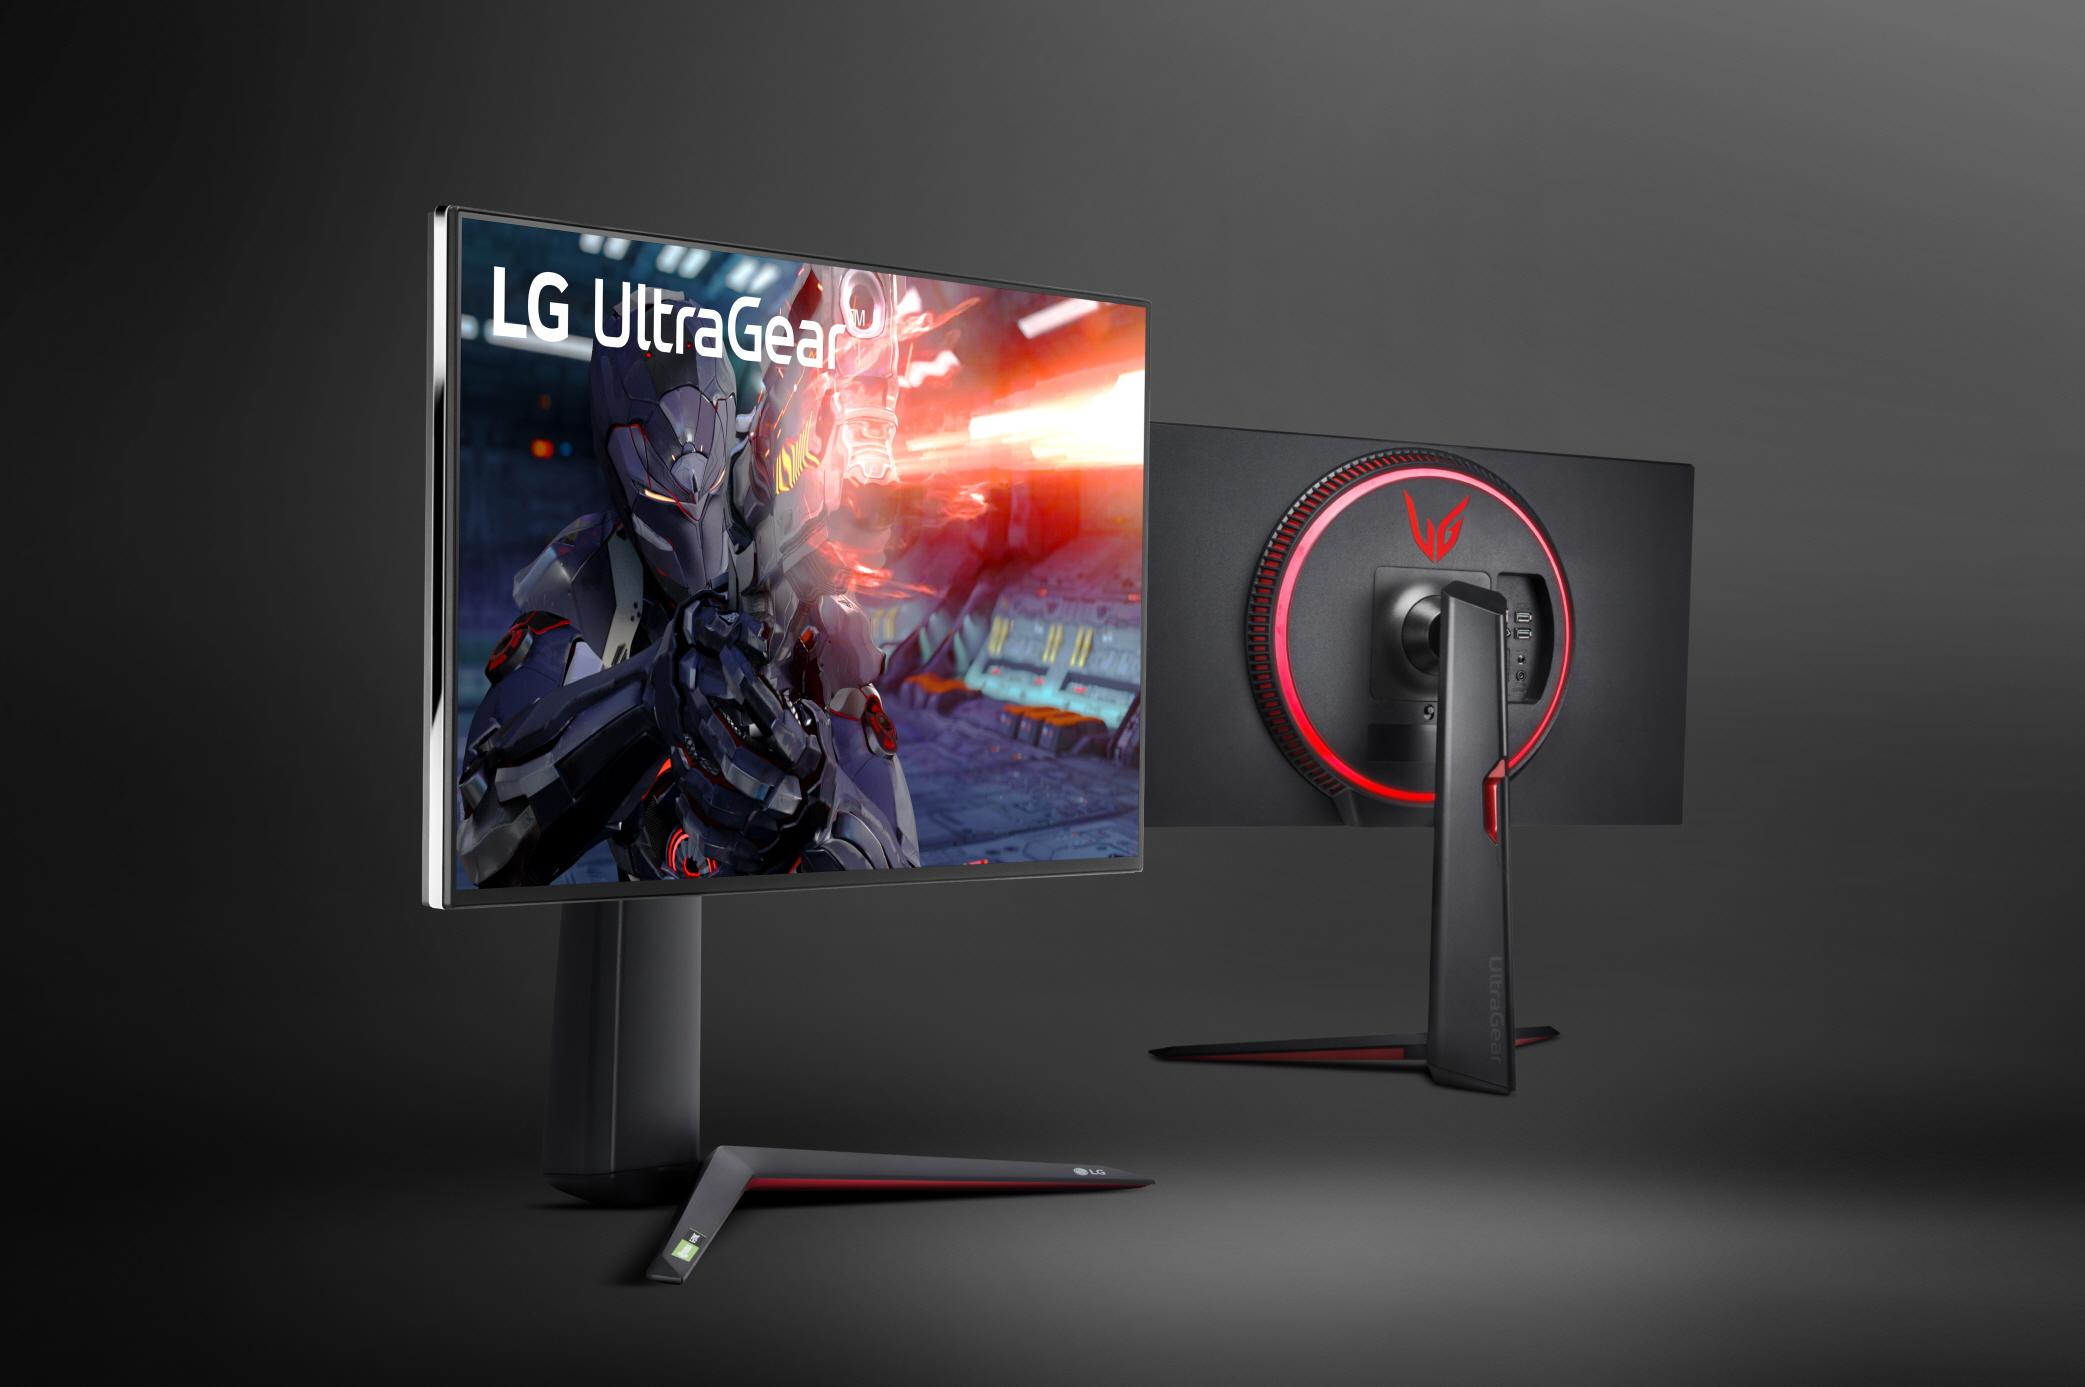 LG ने दुनिया भर में सबसे पहले 4K IPS 1MS GTG UNSURPASSED गेमिंग के लिए मॉनीटर तैयार किया